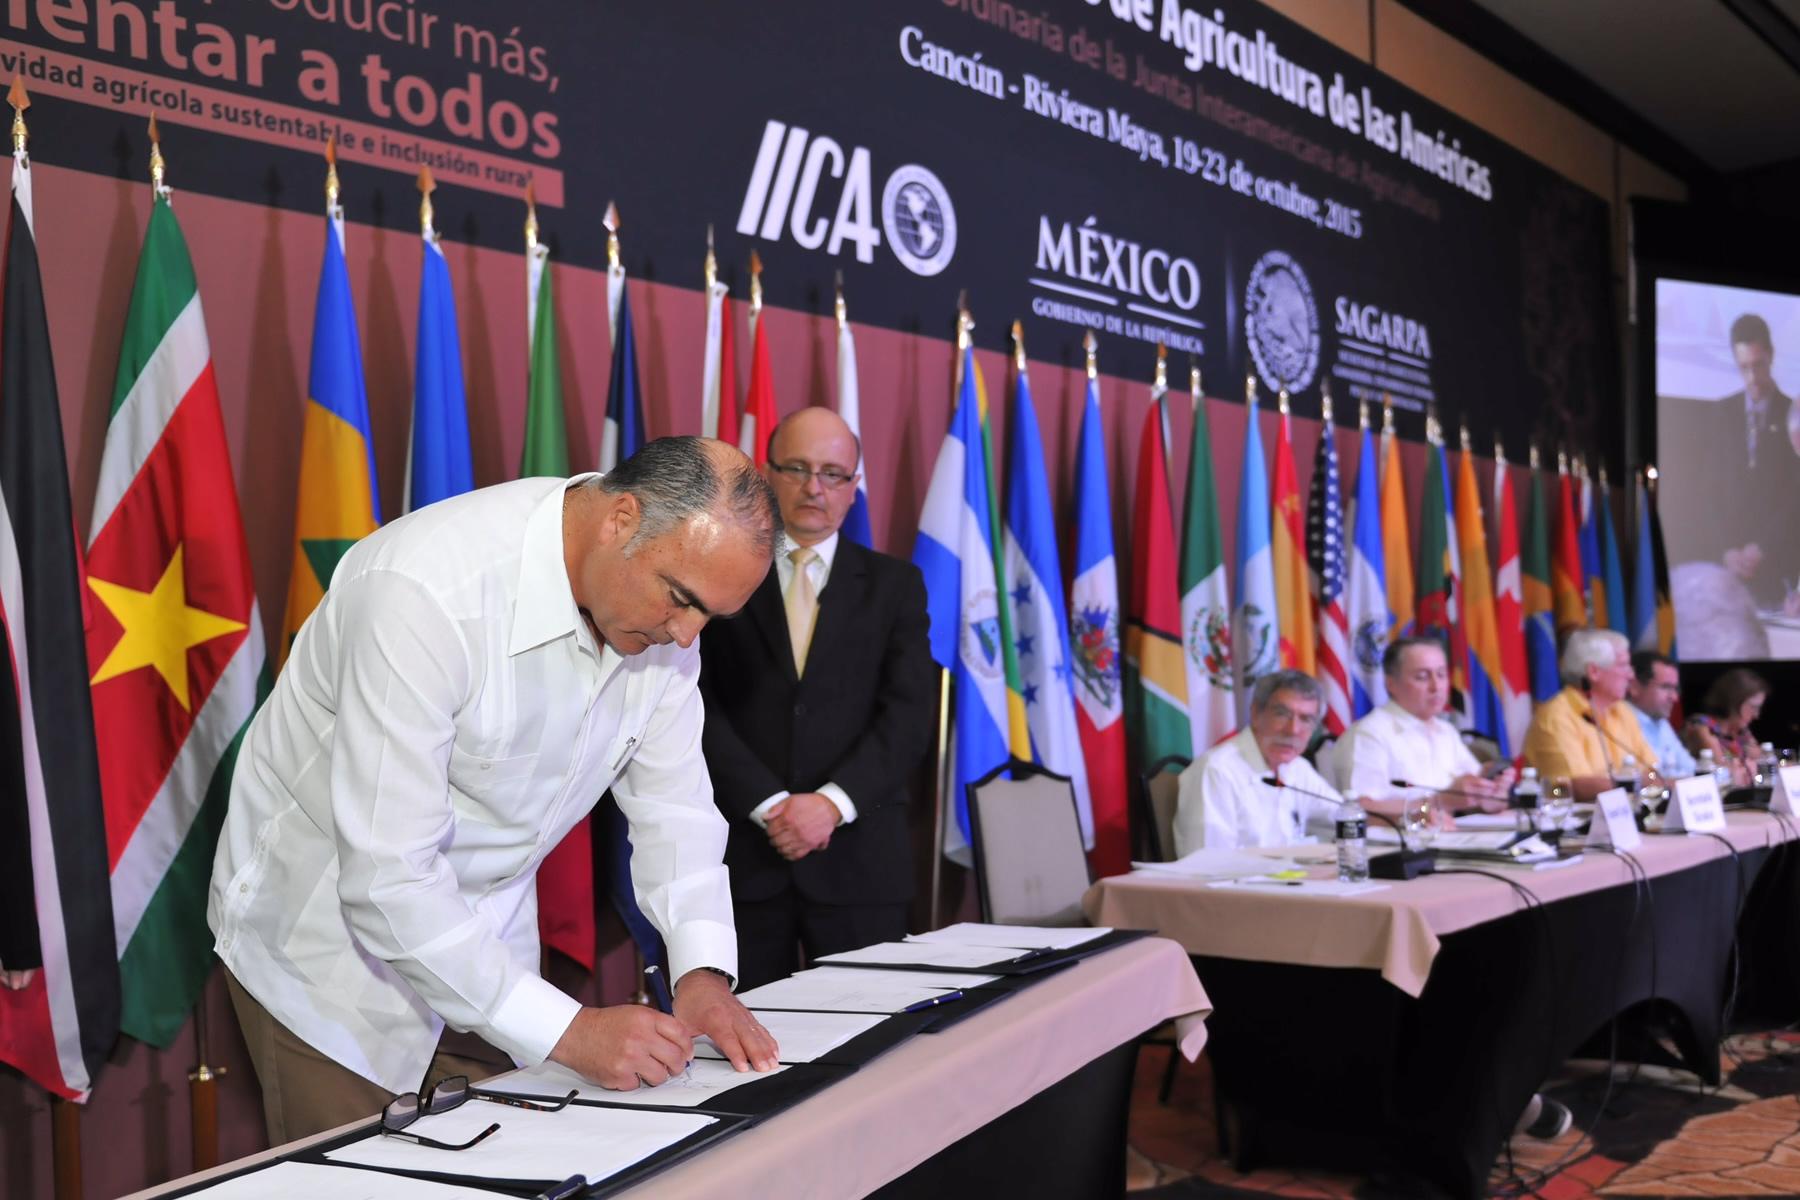 El titular de la SAGARPA y presidente de la JIA, José Calzada Rovirosa, encabezó la deliberación de los acuerdos y resoluciones finales.